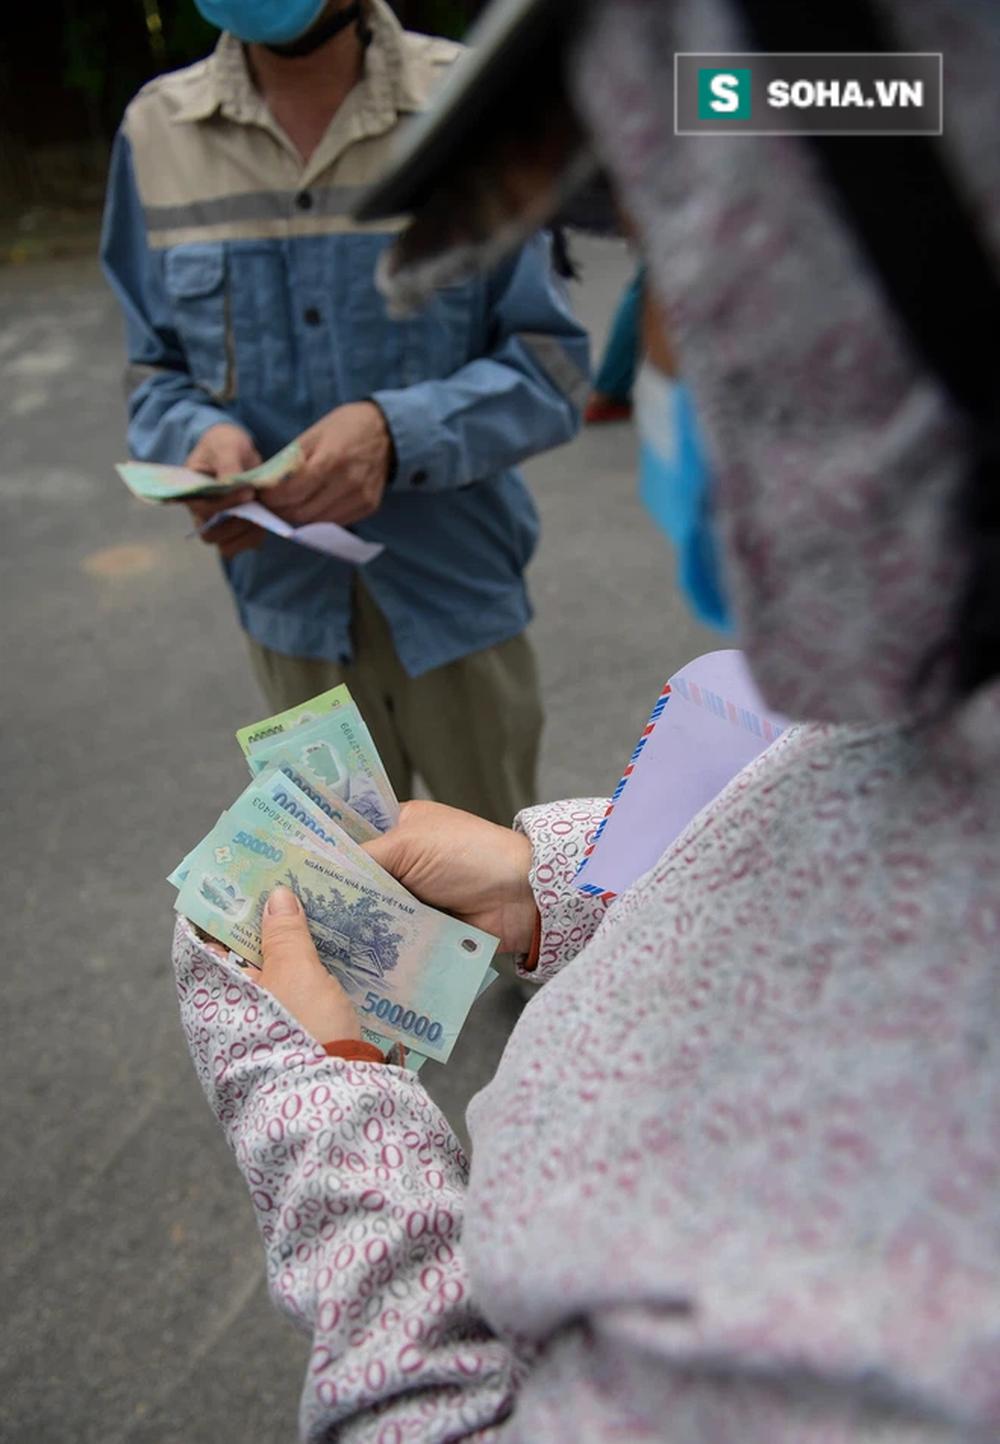 Trao quà tặng 64 công nhân thu gom rác bị nợ lương ở Hà Nội: Đây không chỉ là tiền mà cao hơn là tình người - Ảnh 1.